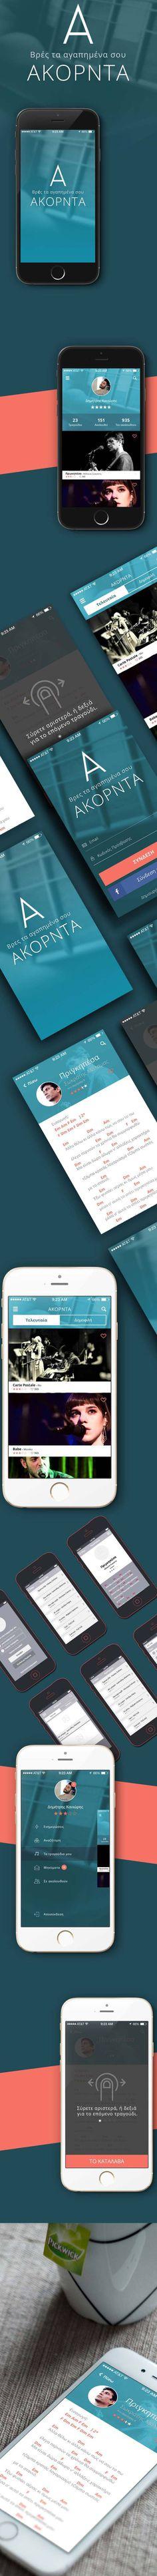 Akorda Mobile App iOS by Dimitris Kanioris